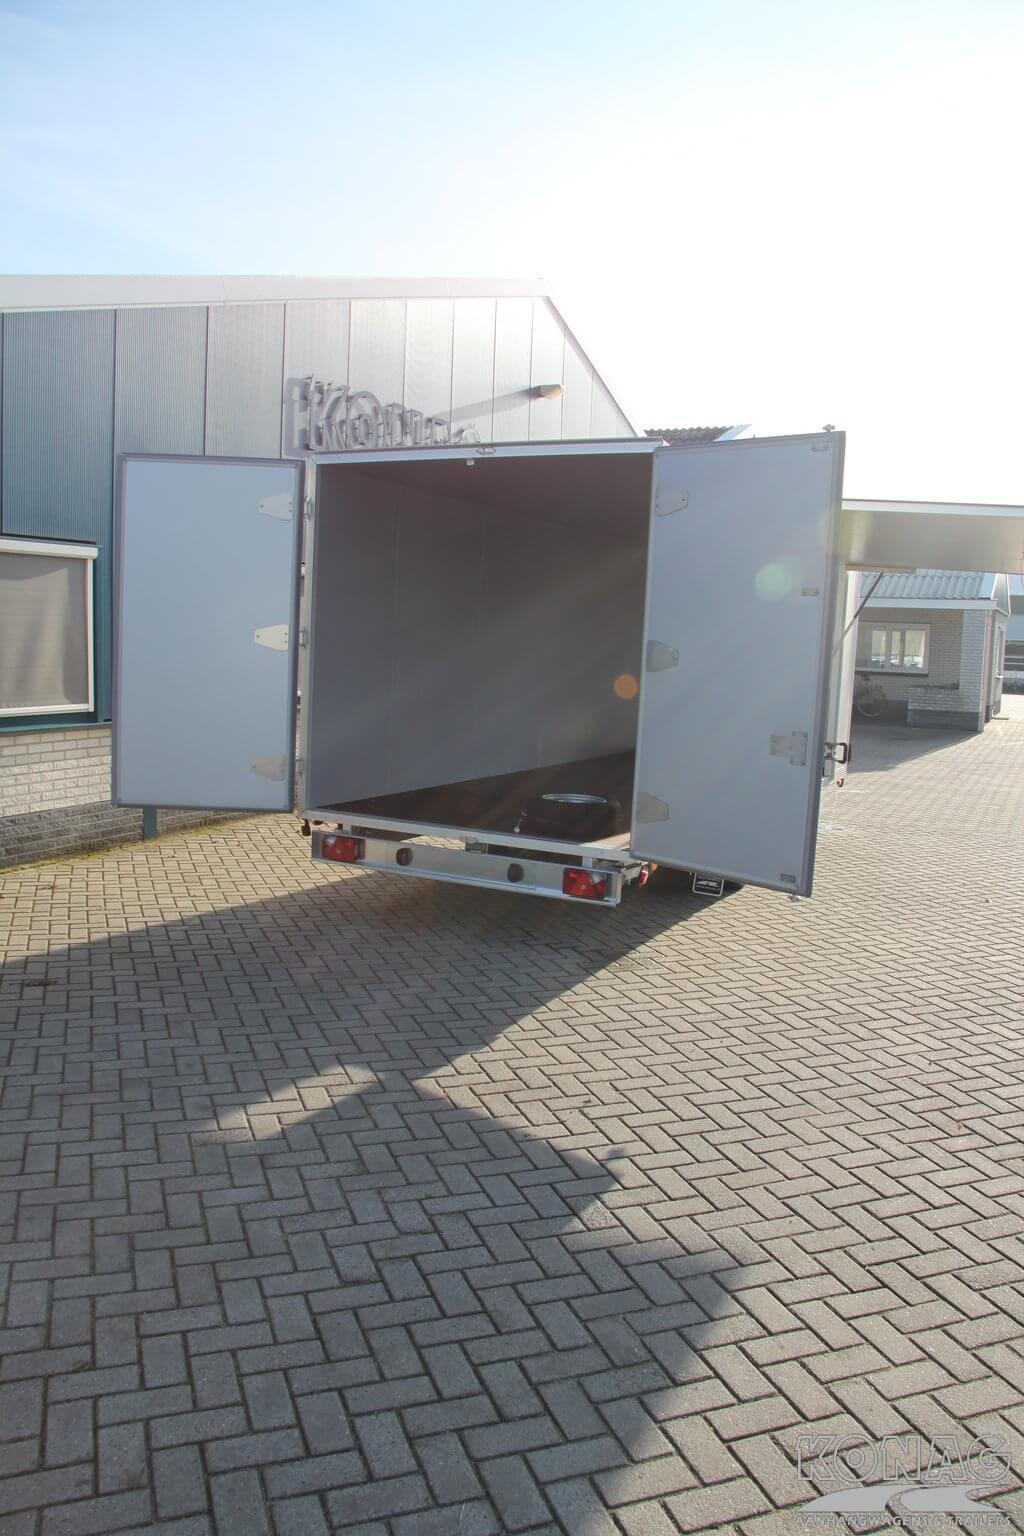 Konag presentatie-aanhangwagen 550x200x200